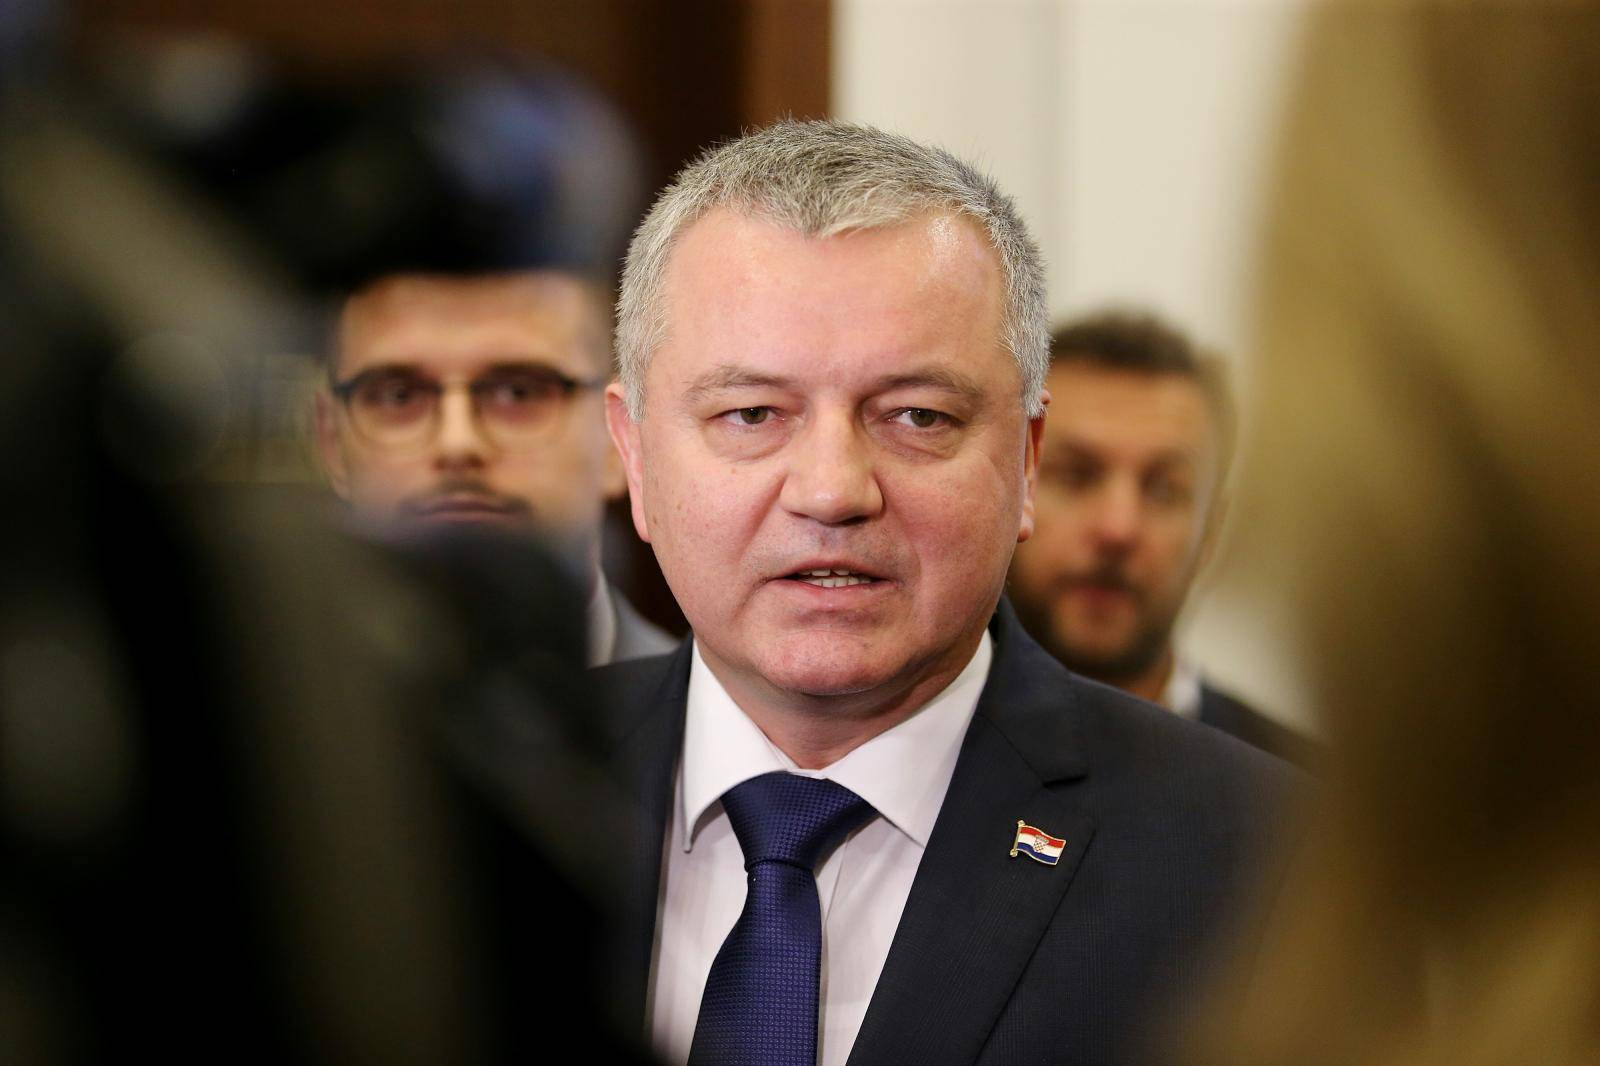 Ministar Horvat: Investicijski ciklus u Hrvatskoj ide dalje